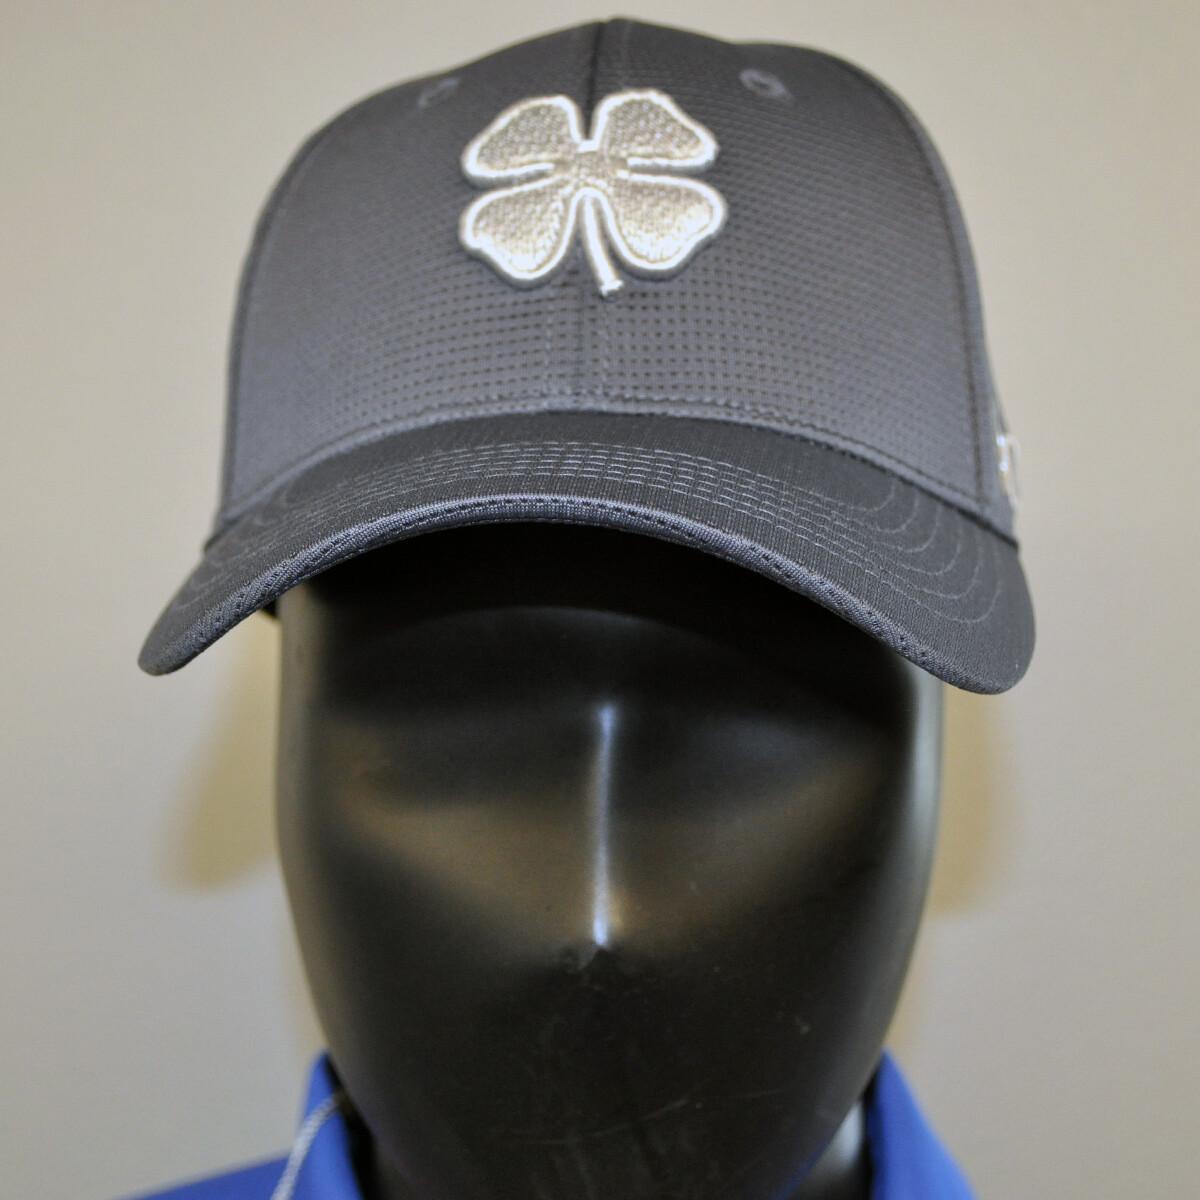 Men's Golf Hat - Live Lucky hat - Gray/Light Gray